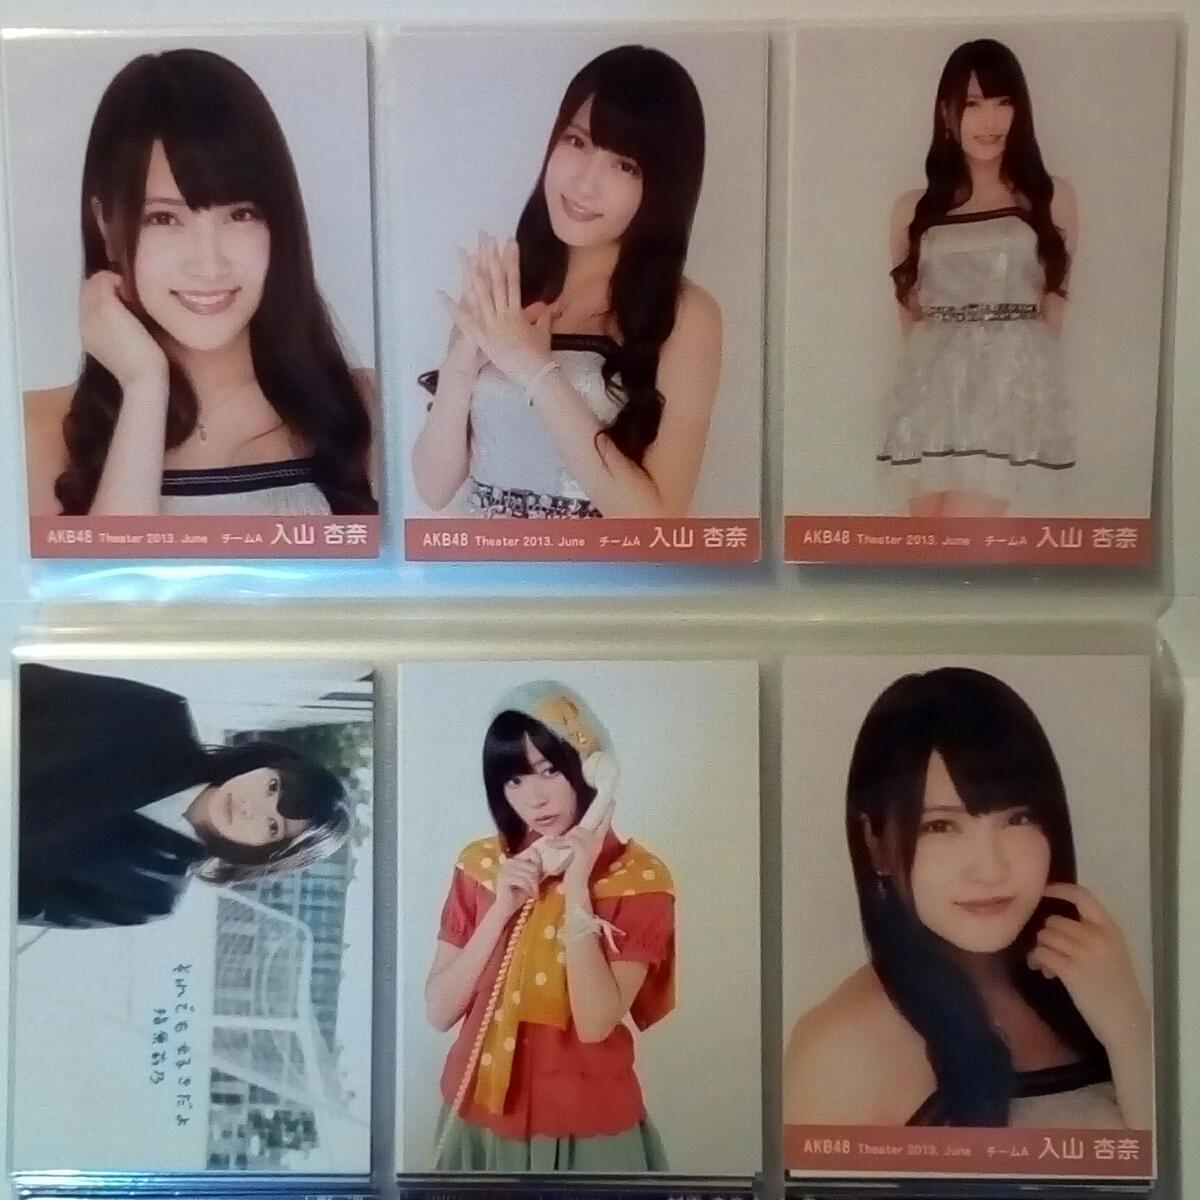 AKB48 公式生写真約1300枚セットまとめ売り コンプ復刻版 共通ポーズ 北原里英 大島優子 松井珠理奈 指原莉乃 SKE/NMB/HKT/NGT/STU/チーム8_画像8